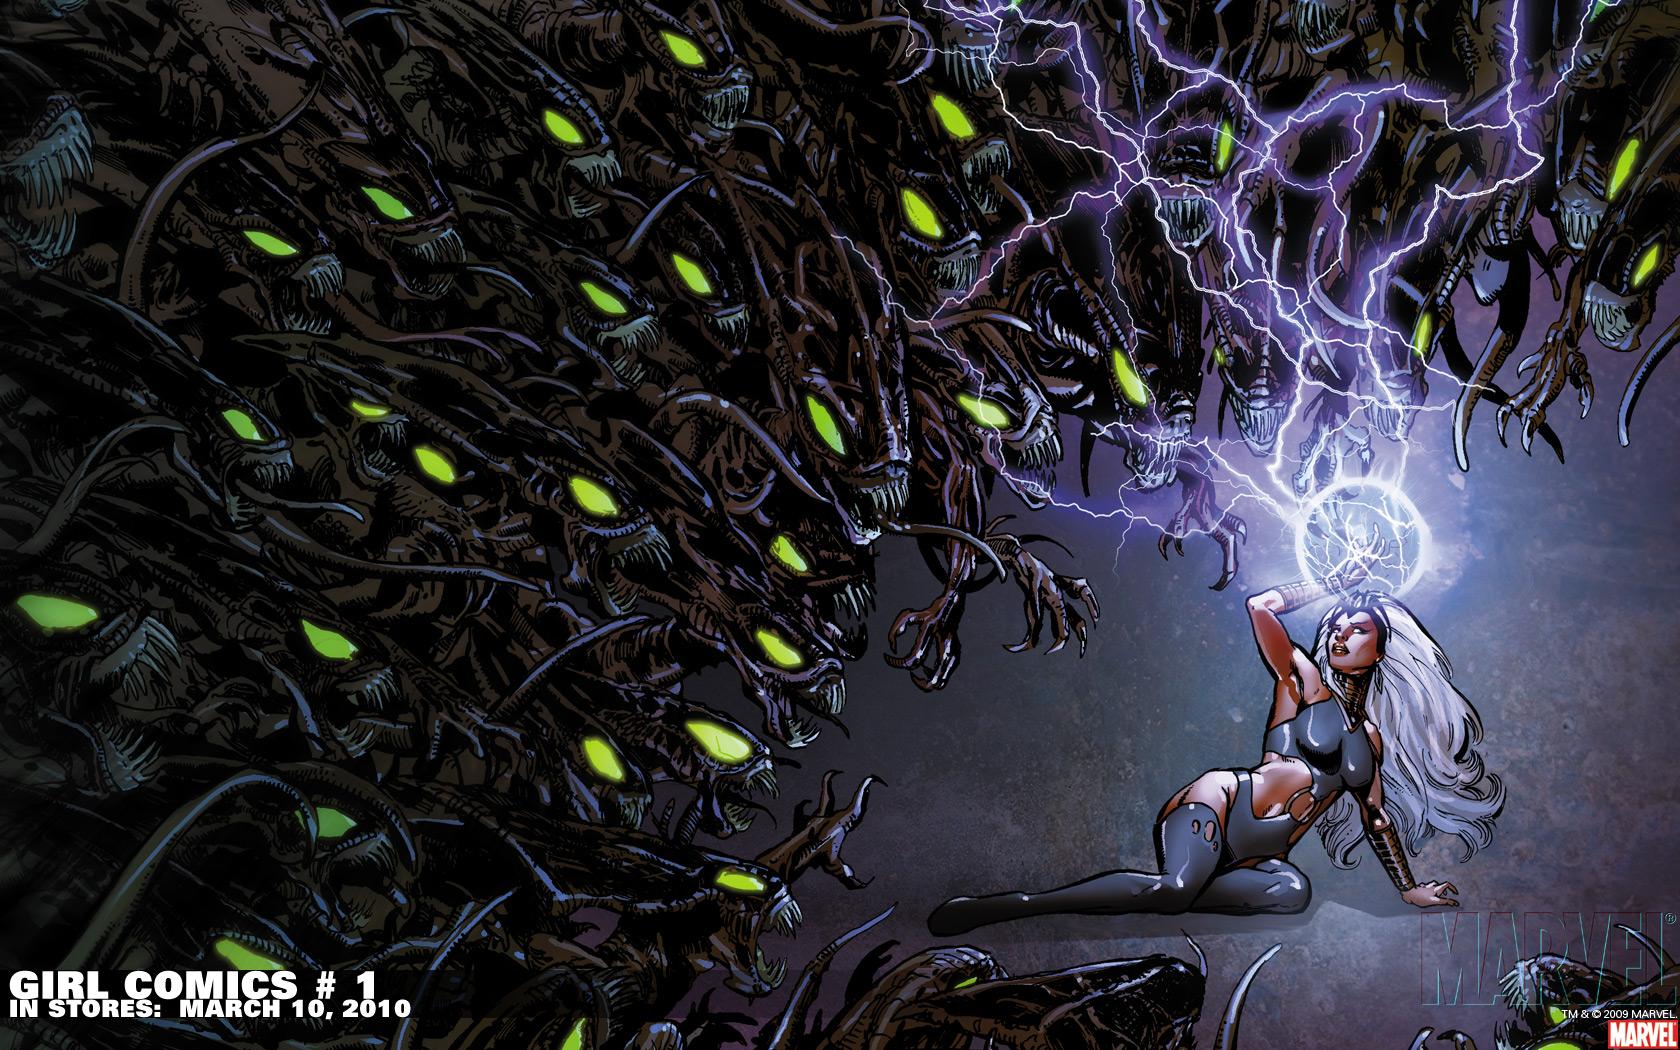 Download X Men Storm Wallpaper 1680x1050 Wallpoper 313572 1680x1050